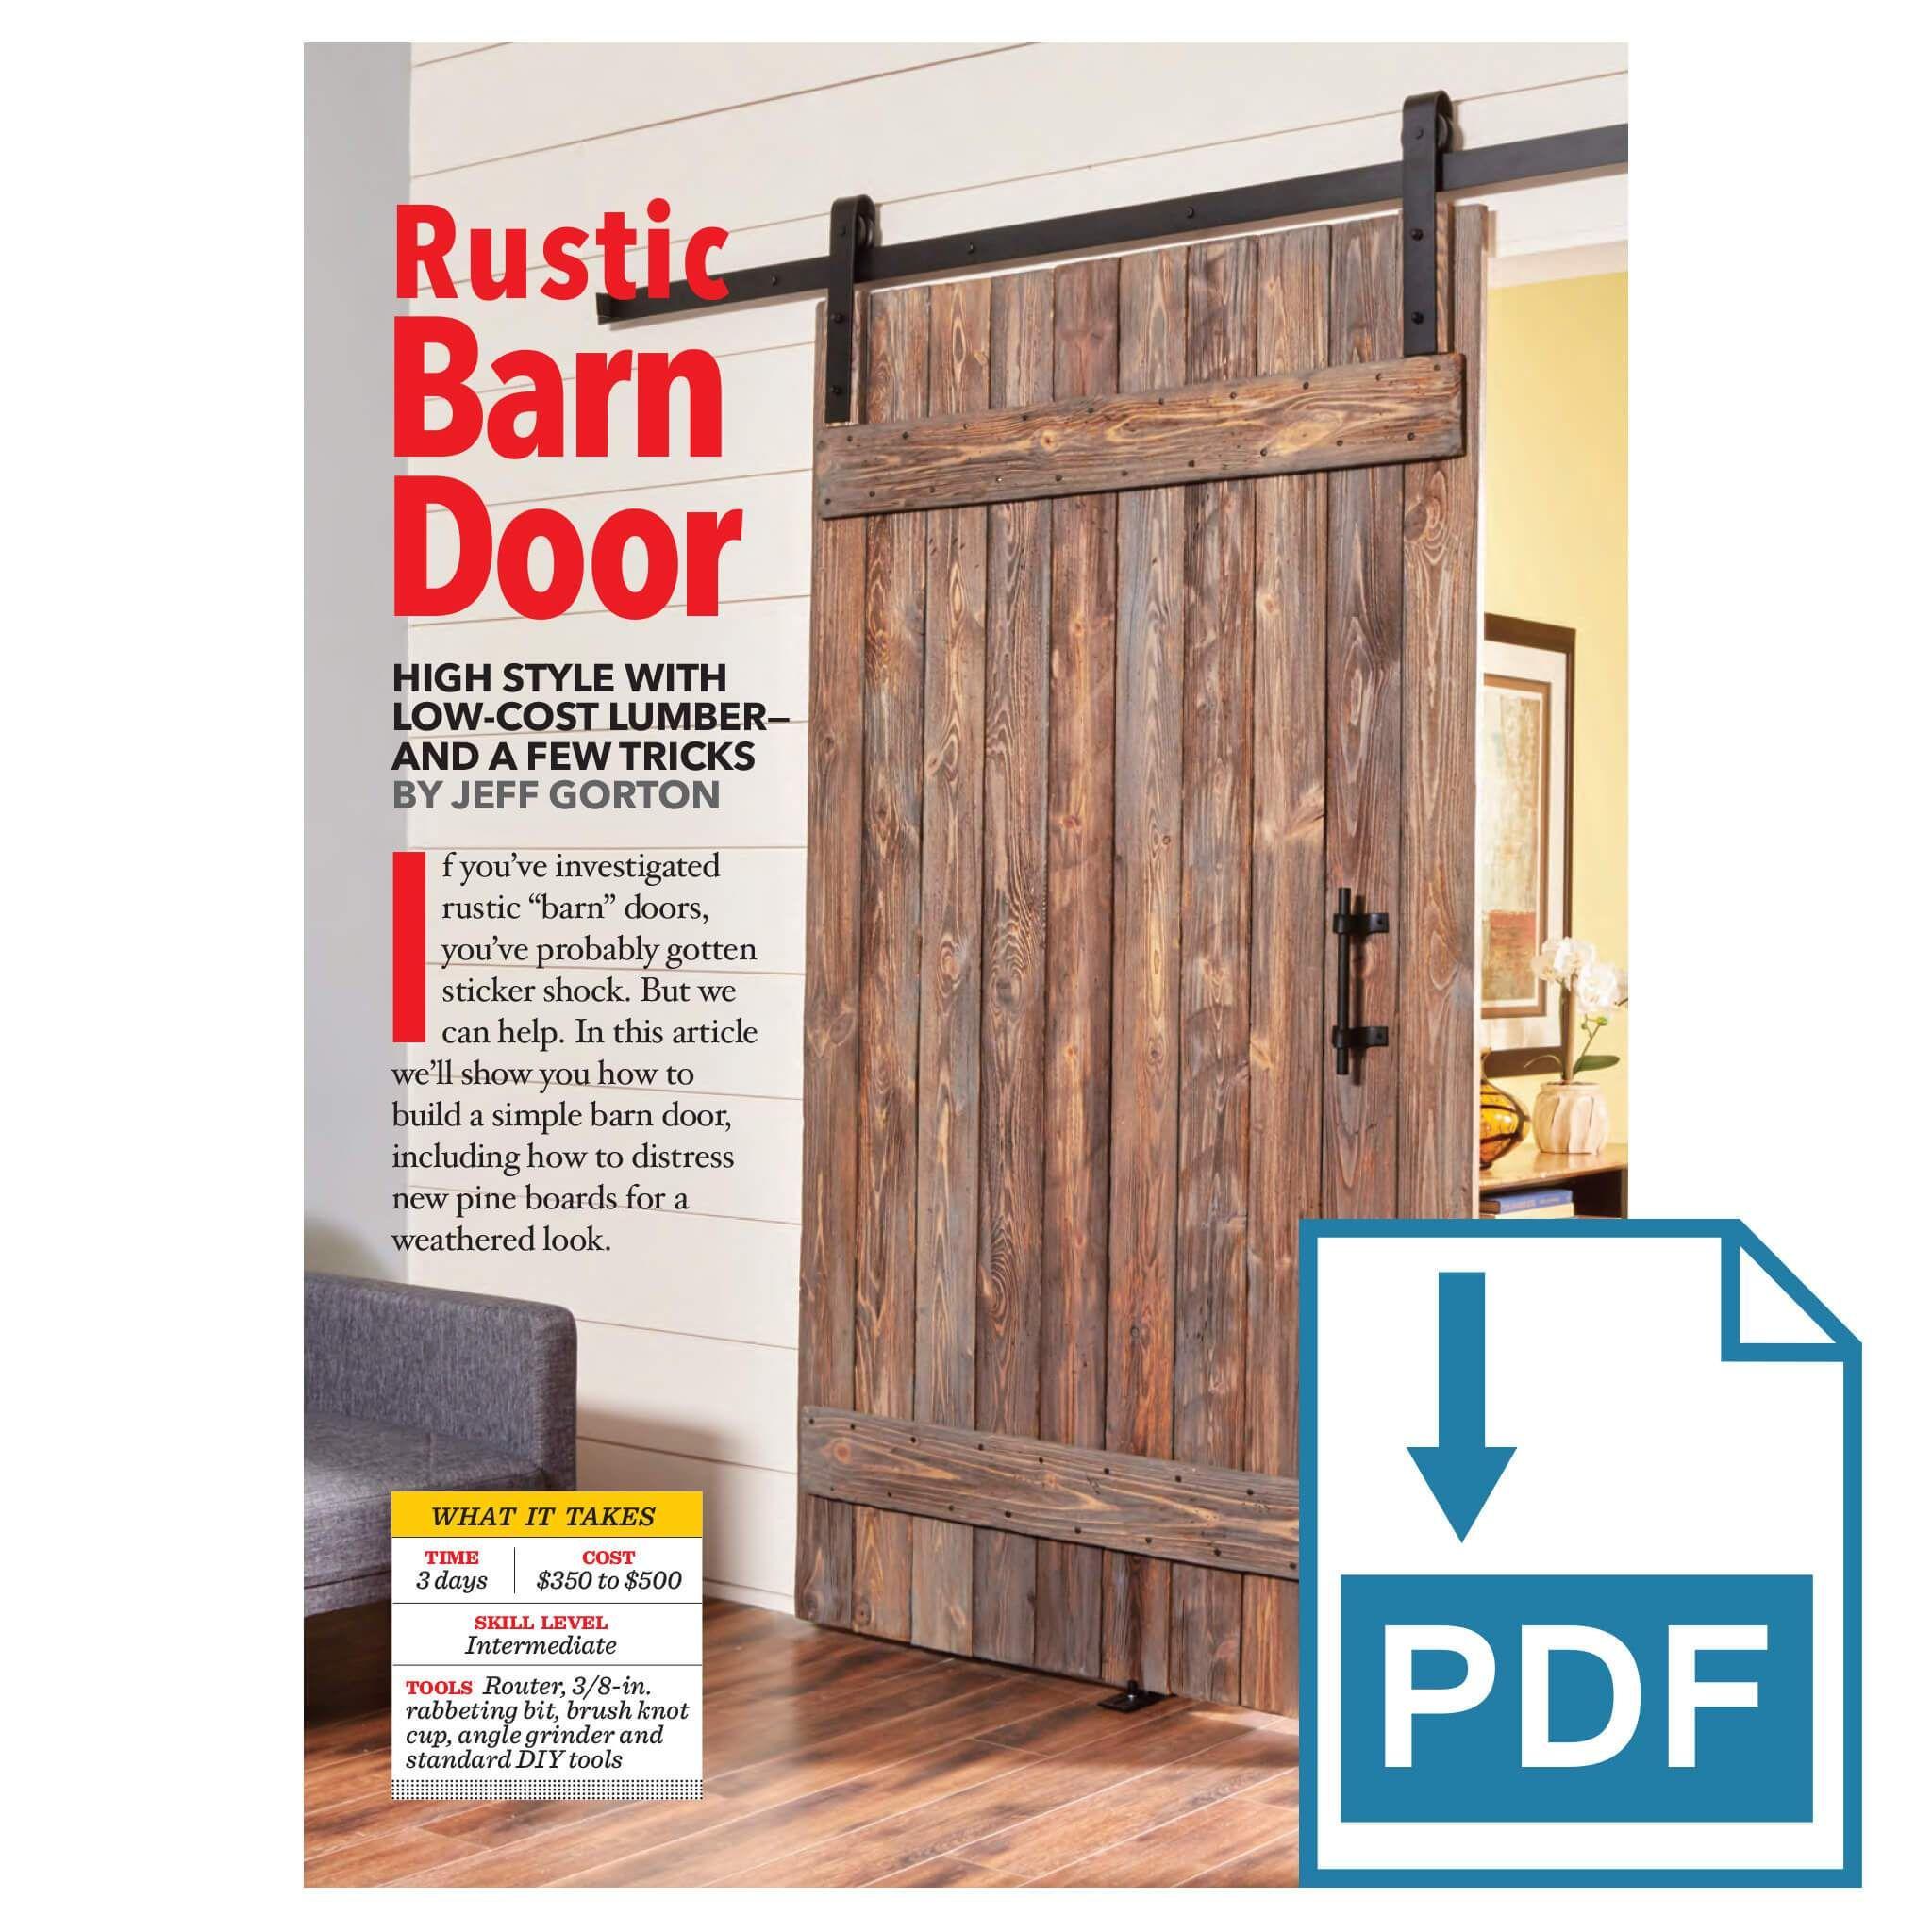 Rustic Barn Door In 2020 Rustic Barn Door Barn Door Diy Sliding Barn Door